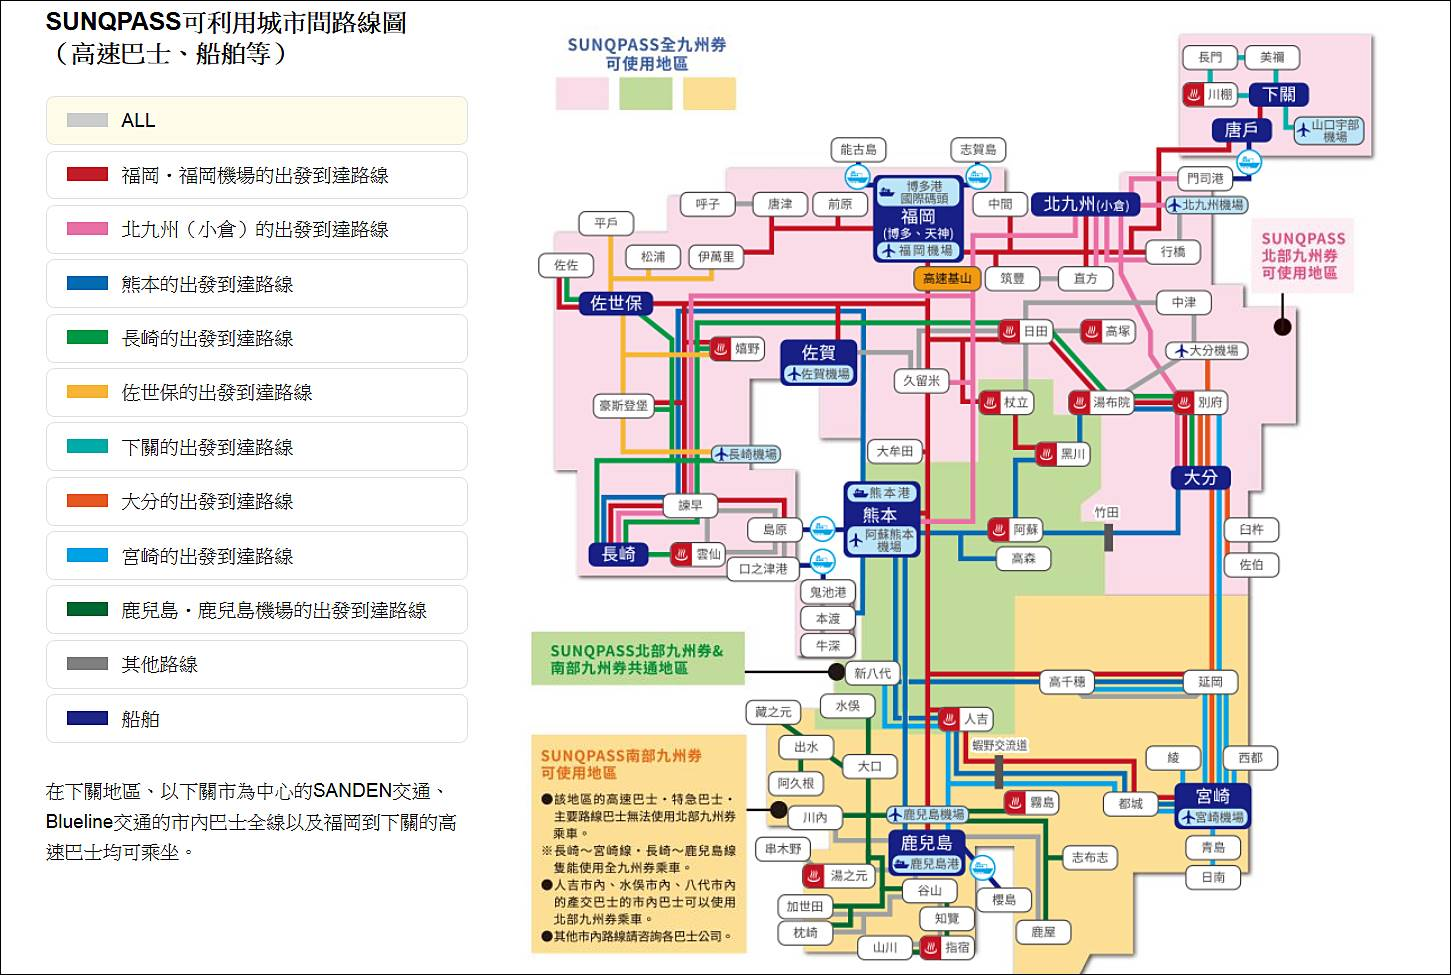 九州-交通-SUNQ PASS-路線圖-九州巴士-九州公車-自由乘車券-北九州SUNQ PASS-南九州SUNQ PASS-全九州SUNQ PASS-三日券-四日券-優惠-折扣-使用-購買-票價-Kyushu